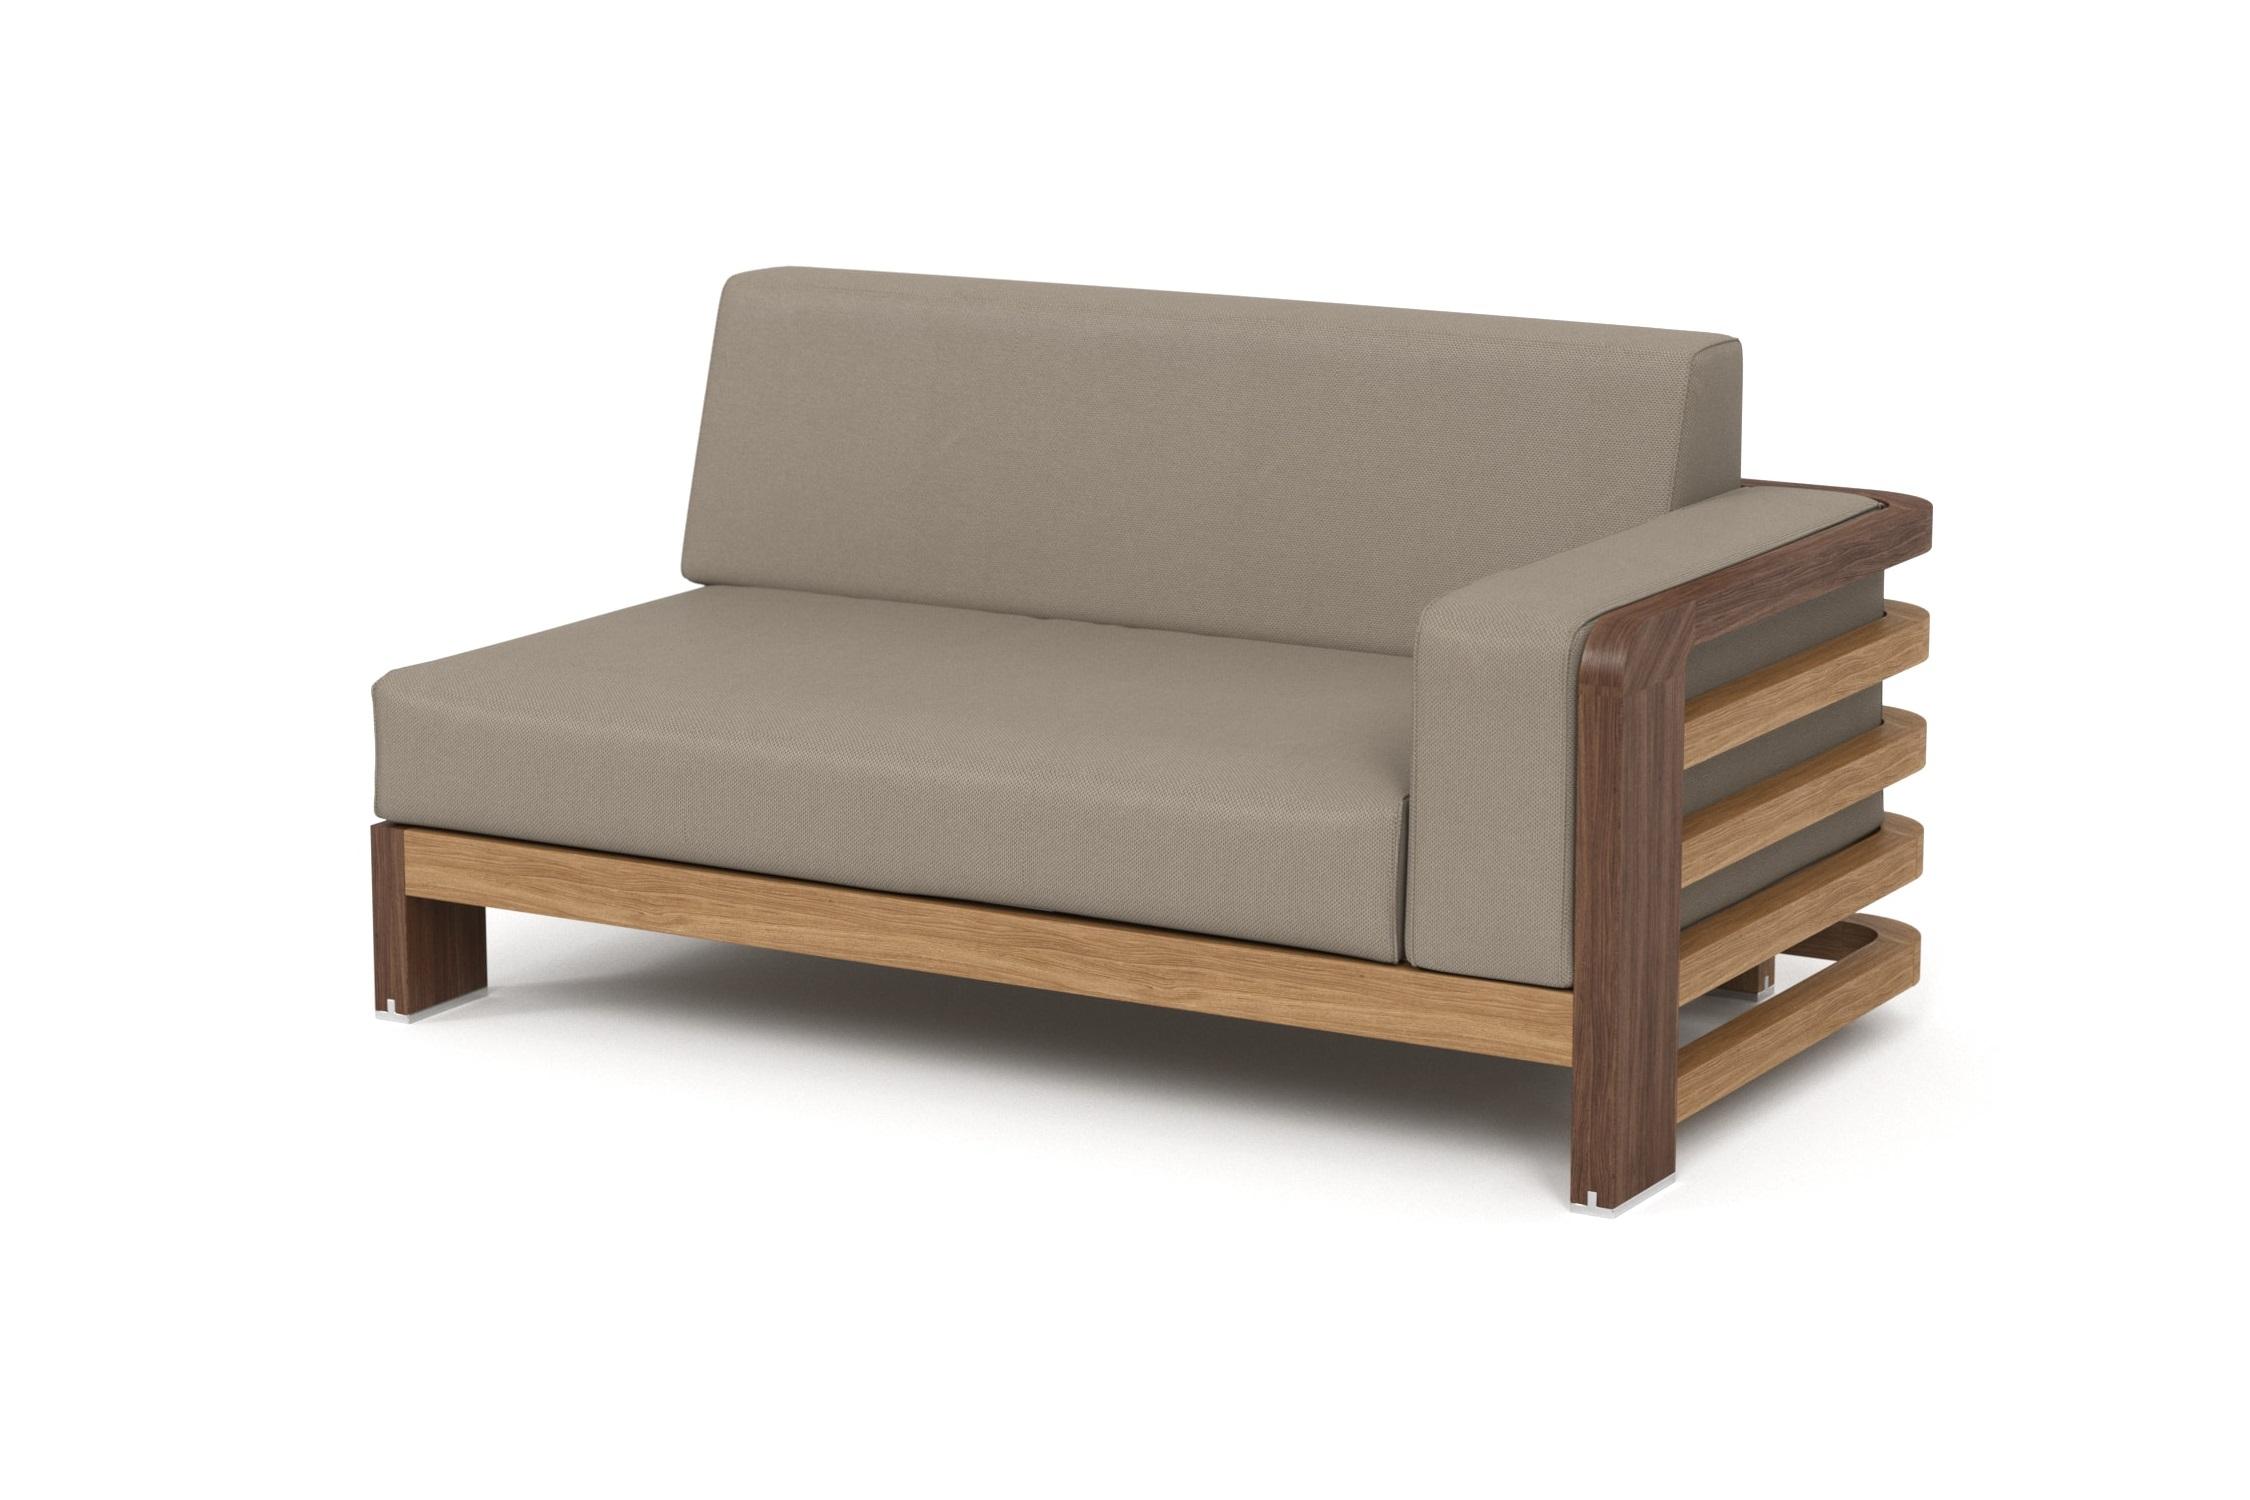 Кушетка правая LagoonДиваны и оттоманки для сада<br>Коллекция LAGOON – коллекция, предназначенная для обустройства тихого уединенного места, в котором можно полностью расслабиться и забыть о суете. <br><br>Дизайн продуман так, чтобы можно было выбрать множество вариаций для отдыха: загорать на шезлонге или расположиться на удобном диване, подремать в <br><br>кресле или понежиться на кушетке.&amp;nbsp;Высота посадки: 383 мм.&amp;nbsp;Тик – прочная и твердая древесина, относится к <br><br>ценным породам. Мебель из тика допускает круглогодичную эксплуатацию на открытом воздухе, выдерживает перепады температур от –30 до +30С. Срок службы <br><br>более 25 лет.&amp;nbsp;Sunbrella® – акриловая ткань с водоотталкивающими свойствами от мирового лидера в производстве тканей для яхт. Ткани <br><br>Sunbrella изготавливаются из окрашиваемого в растворе акрилового волокна. Обработка, препятствующая образованию пятен, защищает ткани Sunbrella, <br><br>которые допускают машинную стирку и обеспечивают защиту от УФ-лучей<br><br>kit: None<br>gender: None